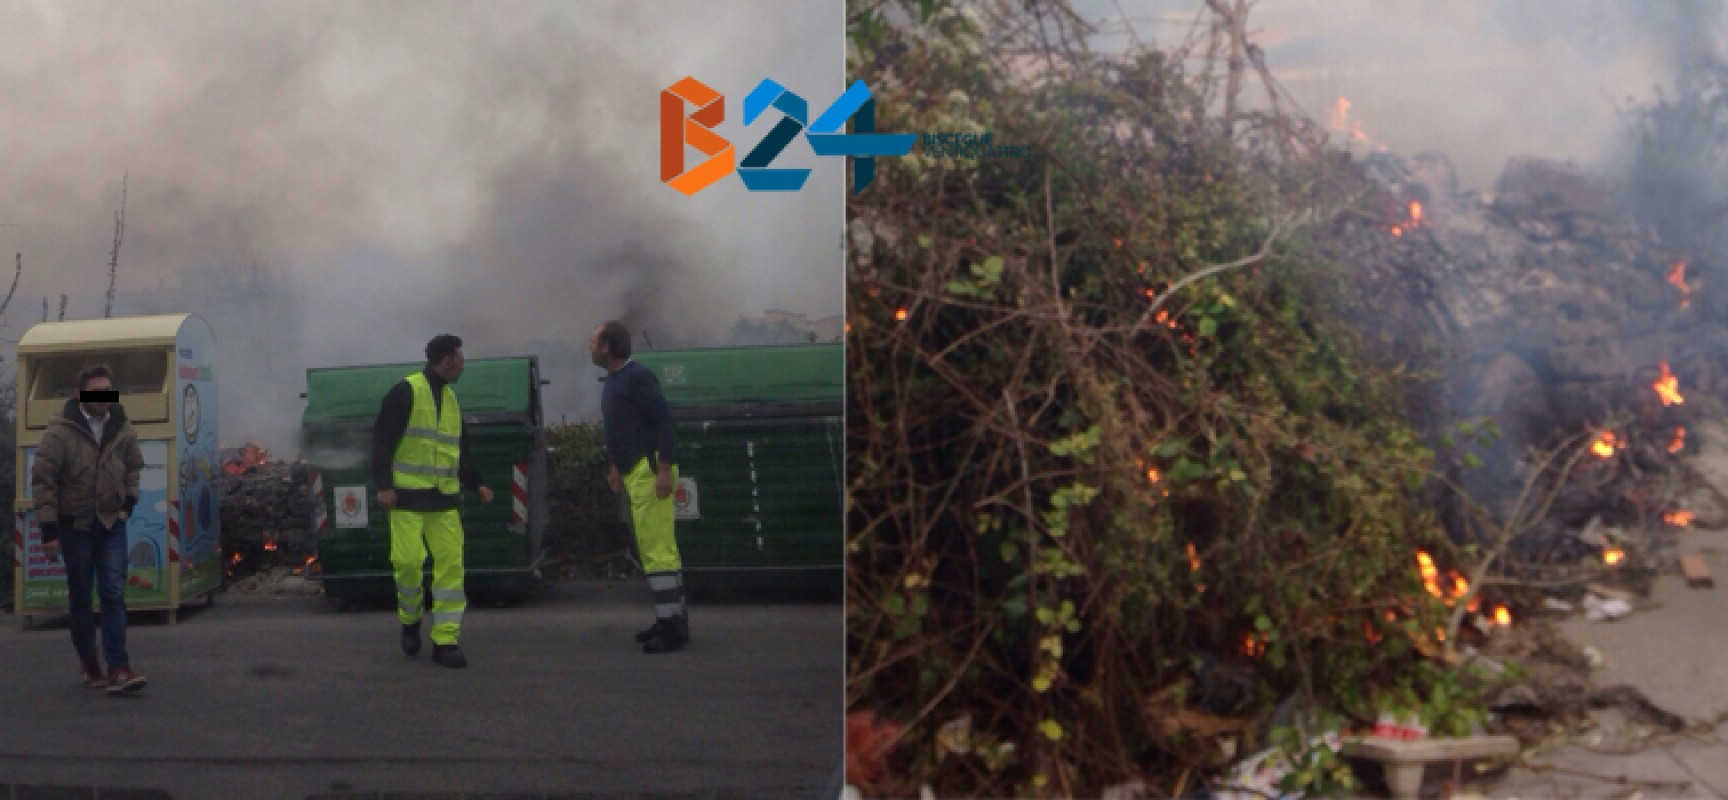 Sterpaglie a fuoco in via Ricasoli, evitato che l'incendio si propagasse / FOTO